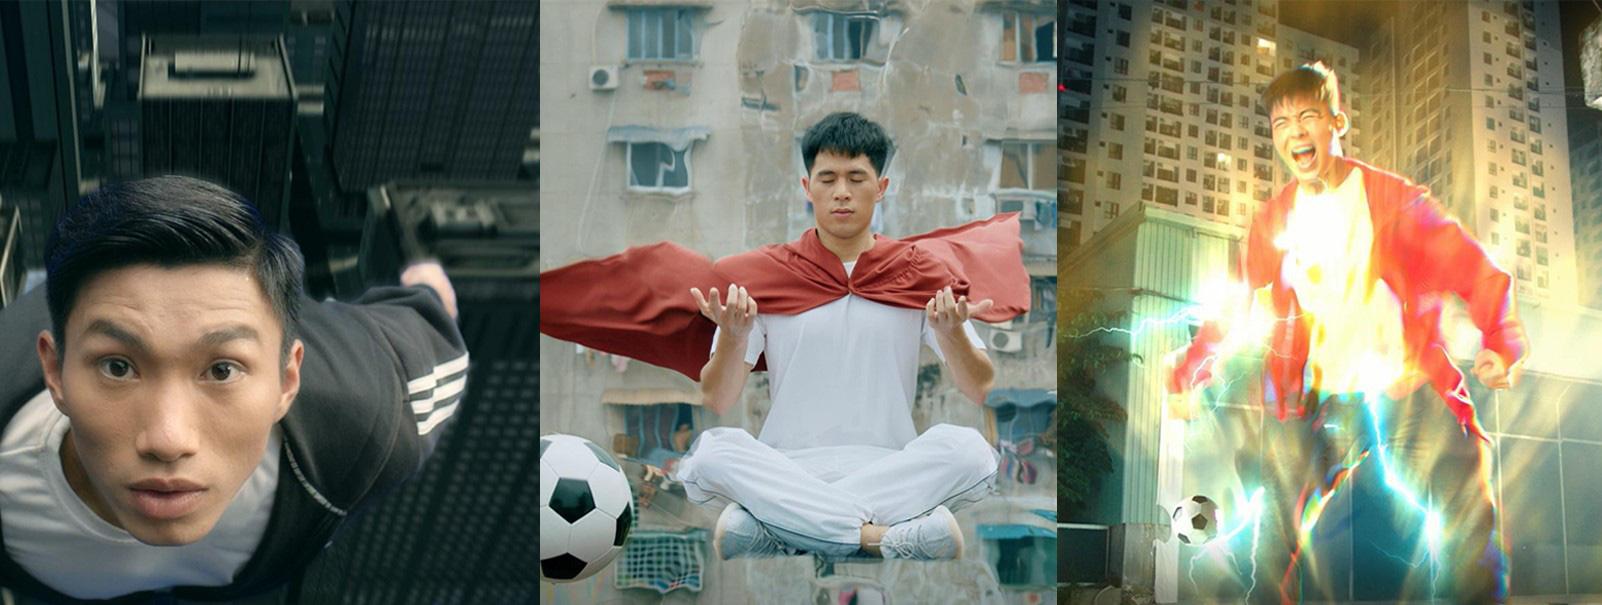 Văn Hậu, Đình Trọng, Duy Mạnh hóa siêu anh hùng trong clip mới nhất của FIFA Online 4, hoàn thiện đội hình 11 cầu thủ Việt Nam - Ảnh 2.